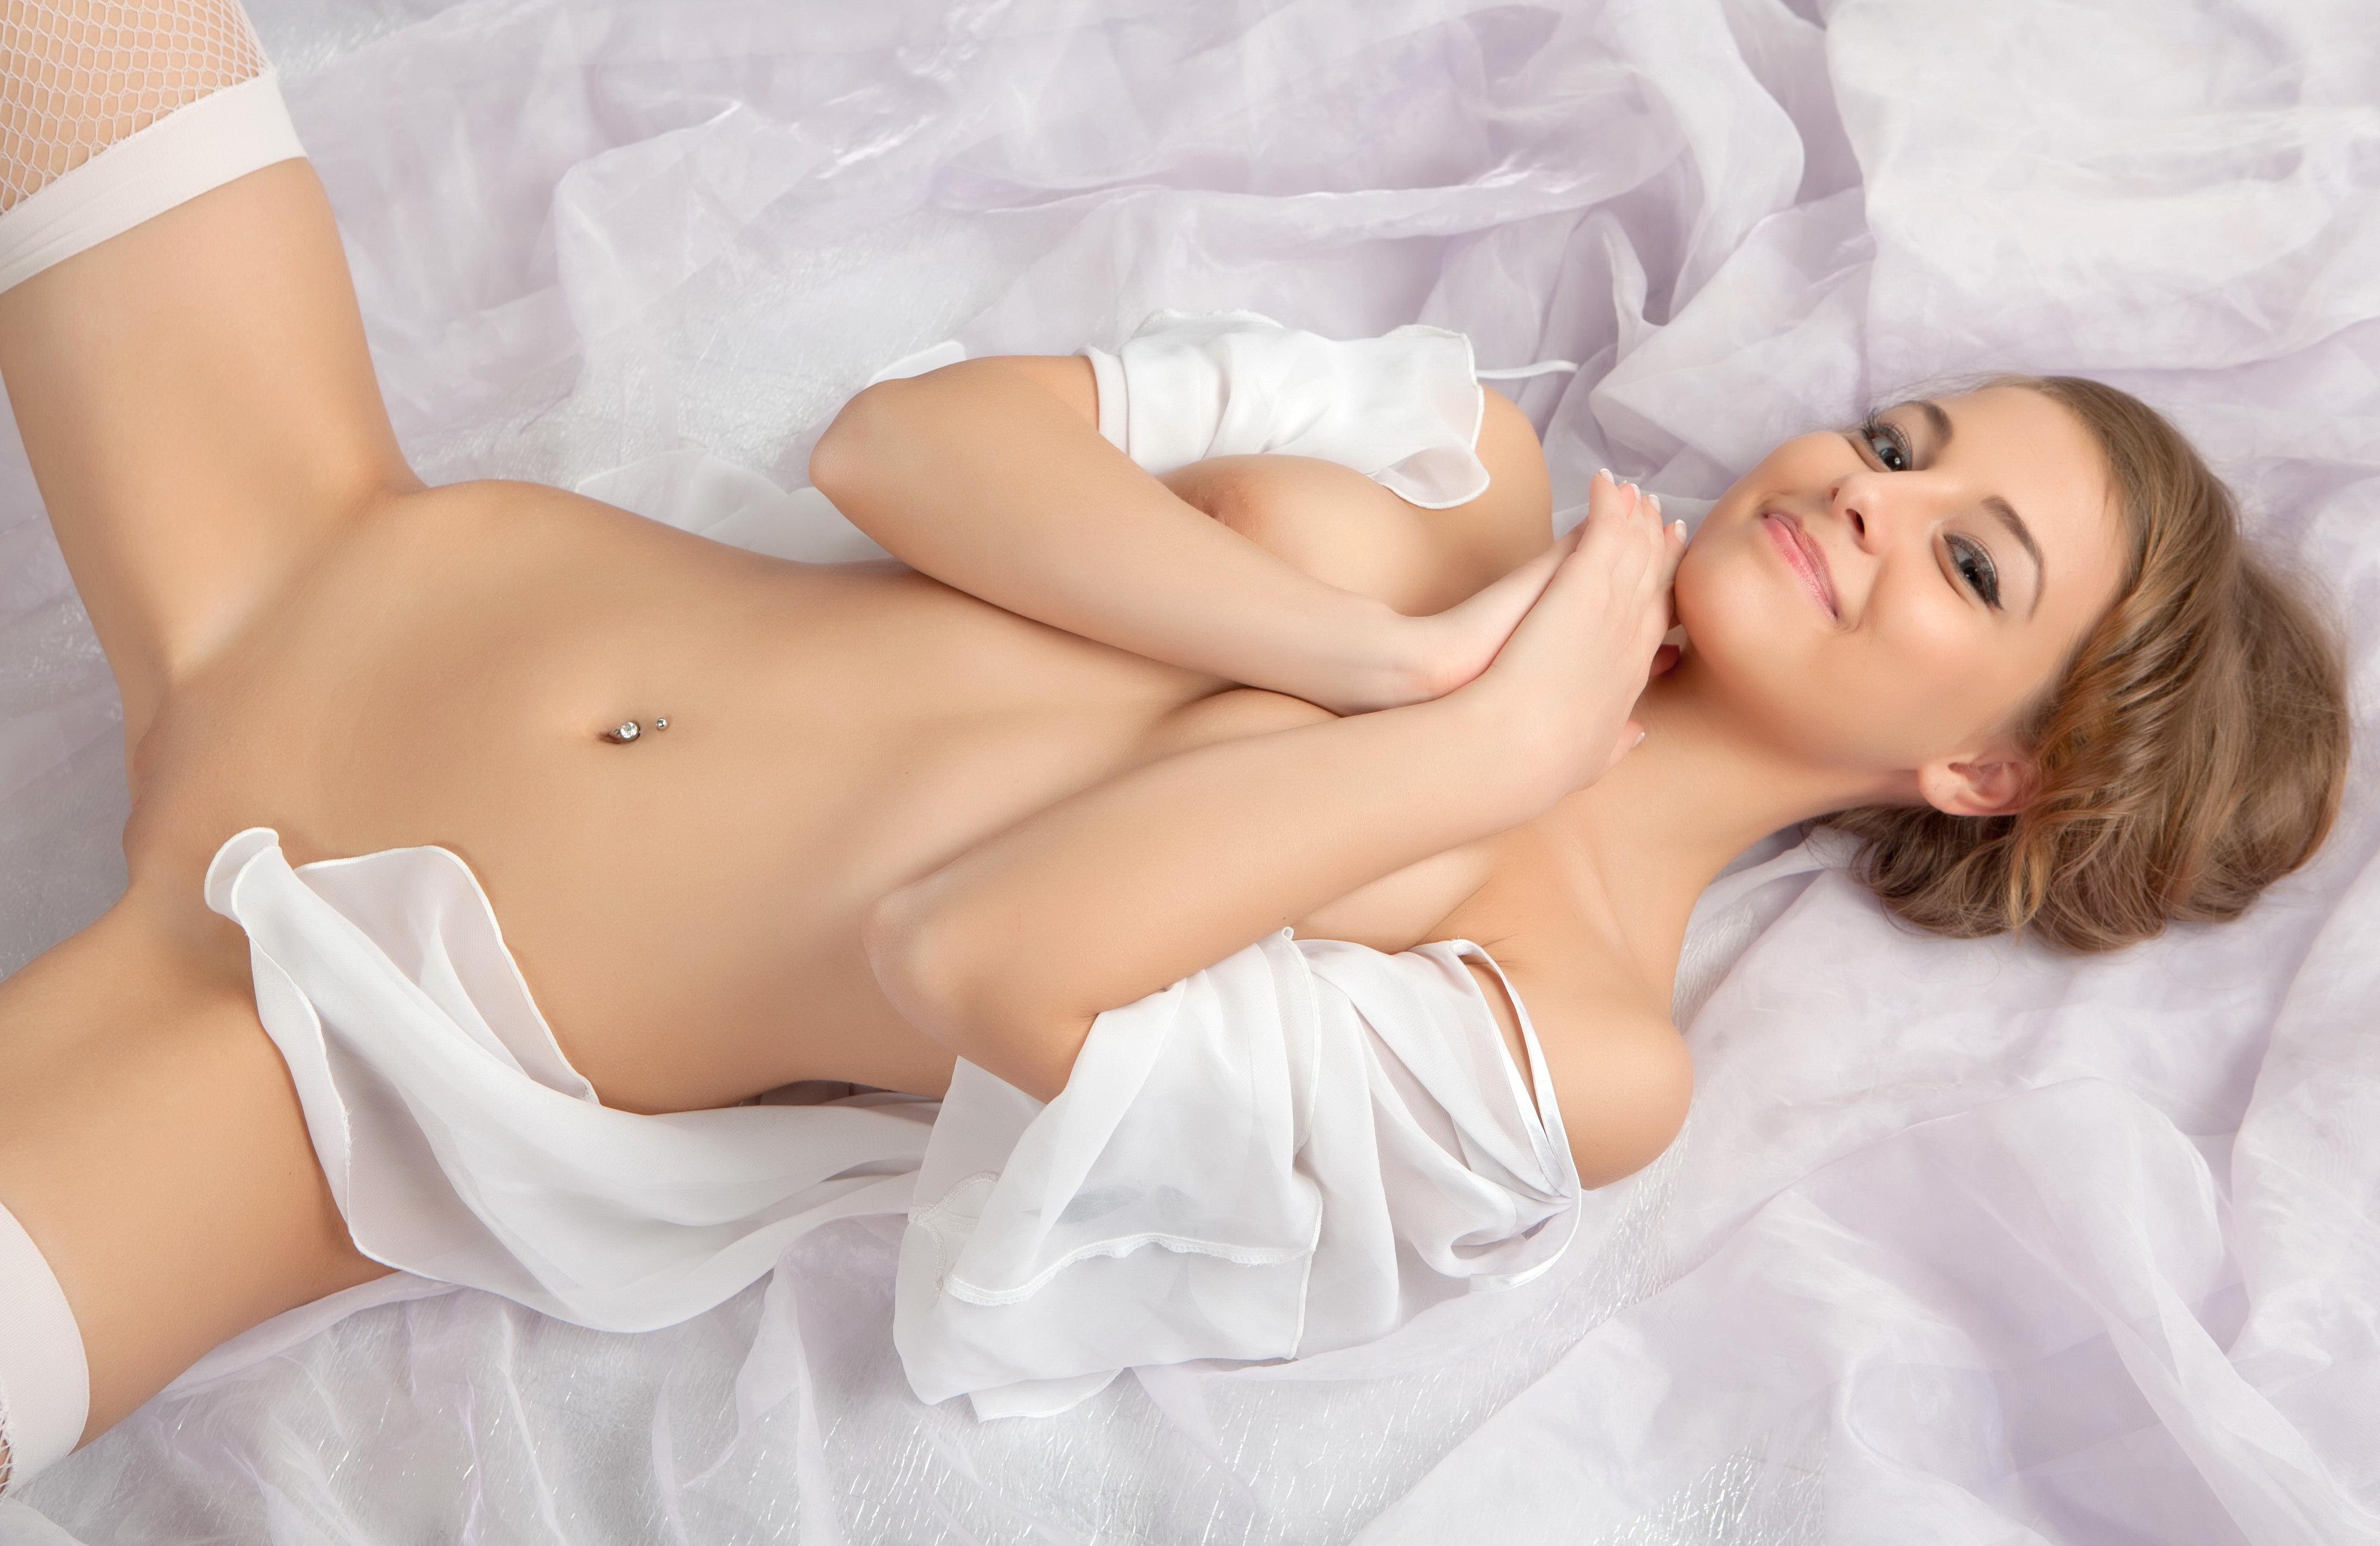 лесбийка седи фото голых девчонок в белых чулках смеясь долстал